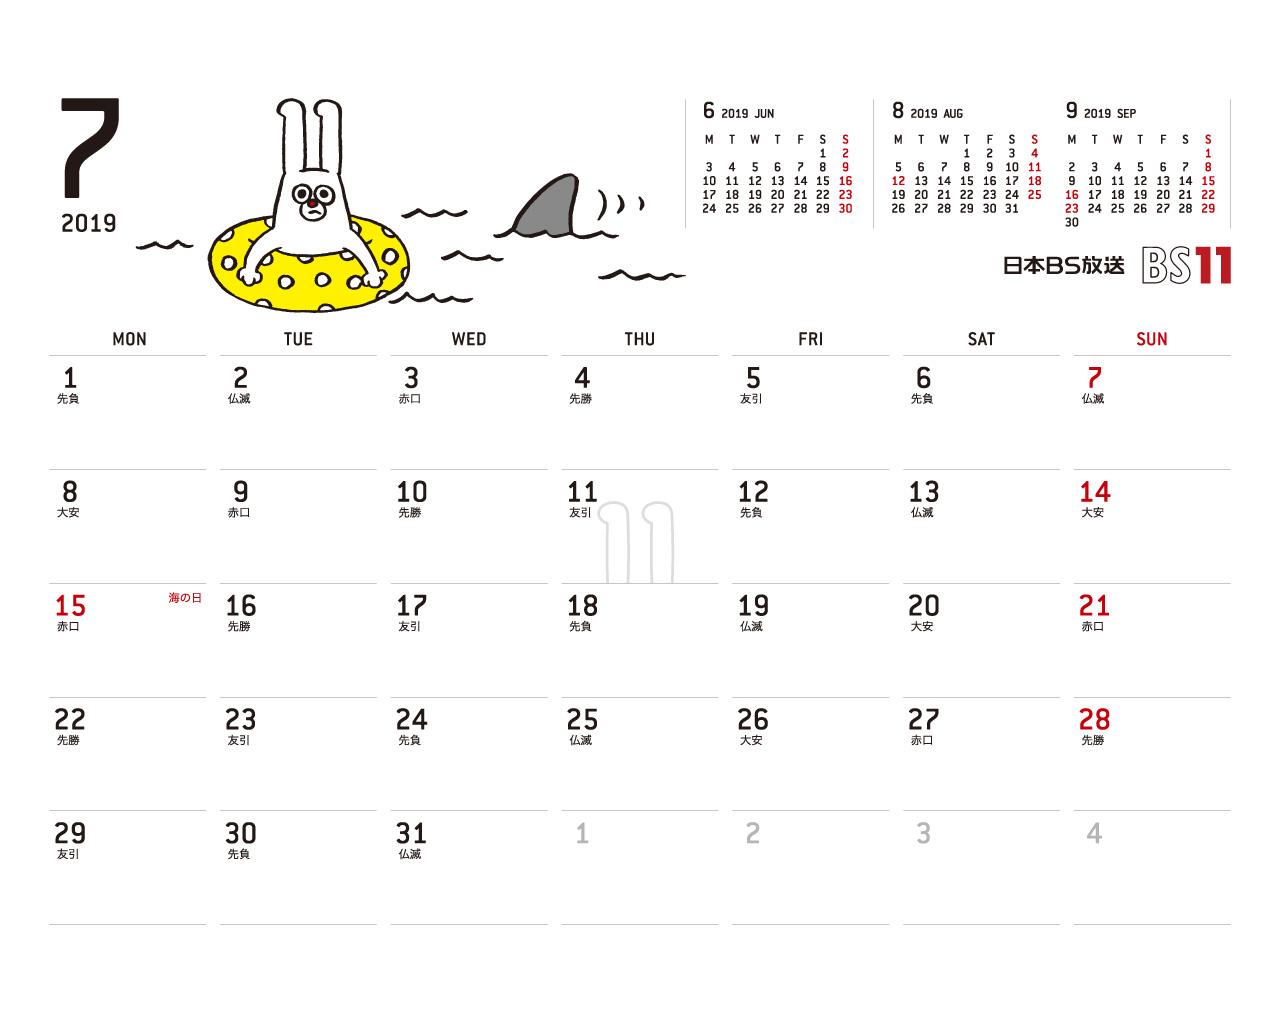 デジタルカレンダー 2019年7月